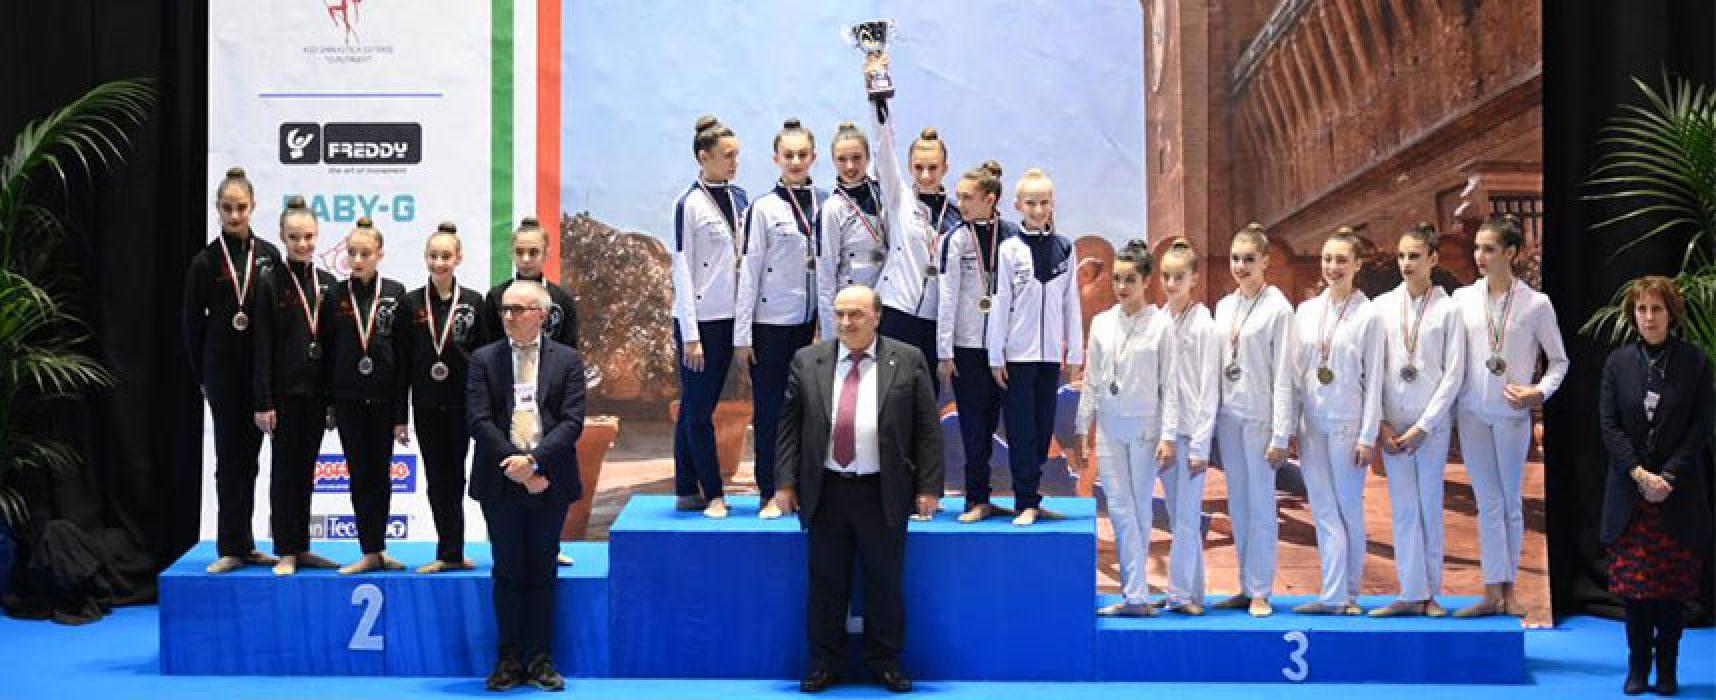 Ginnastica Ritmica Iris Bisceglie in gara a Bari per il Campionato Individuale Silver